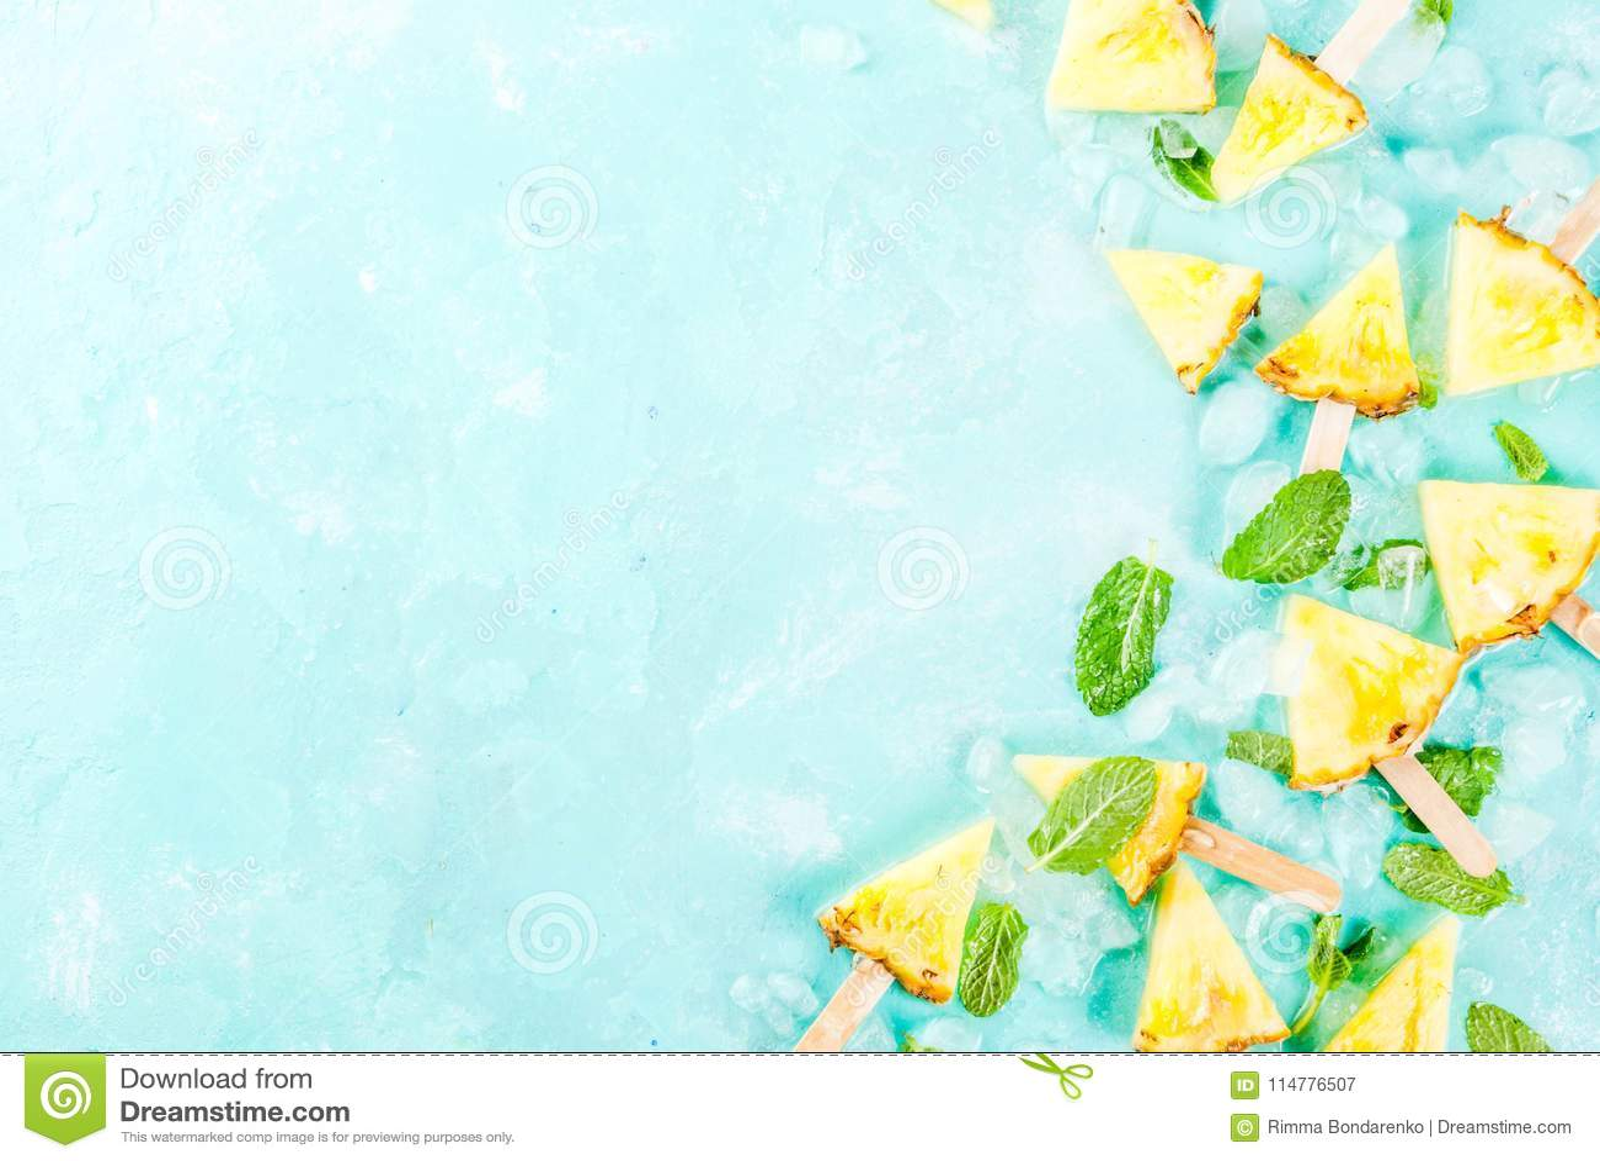 菠萝冰棍儿棍子